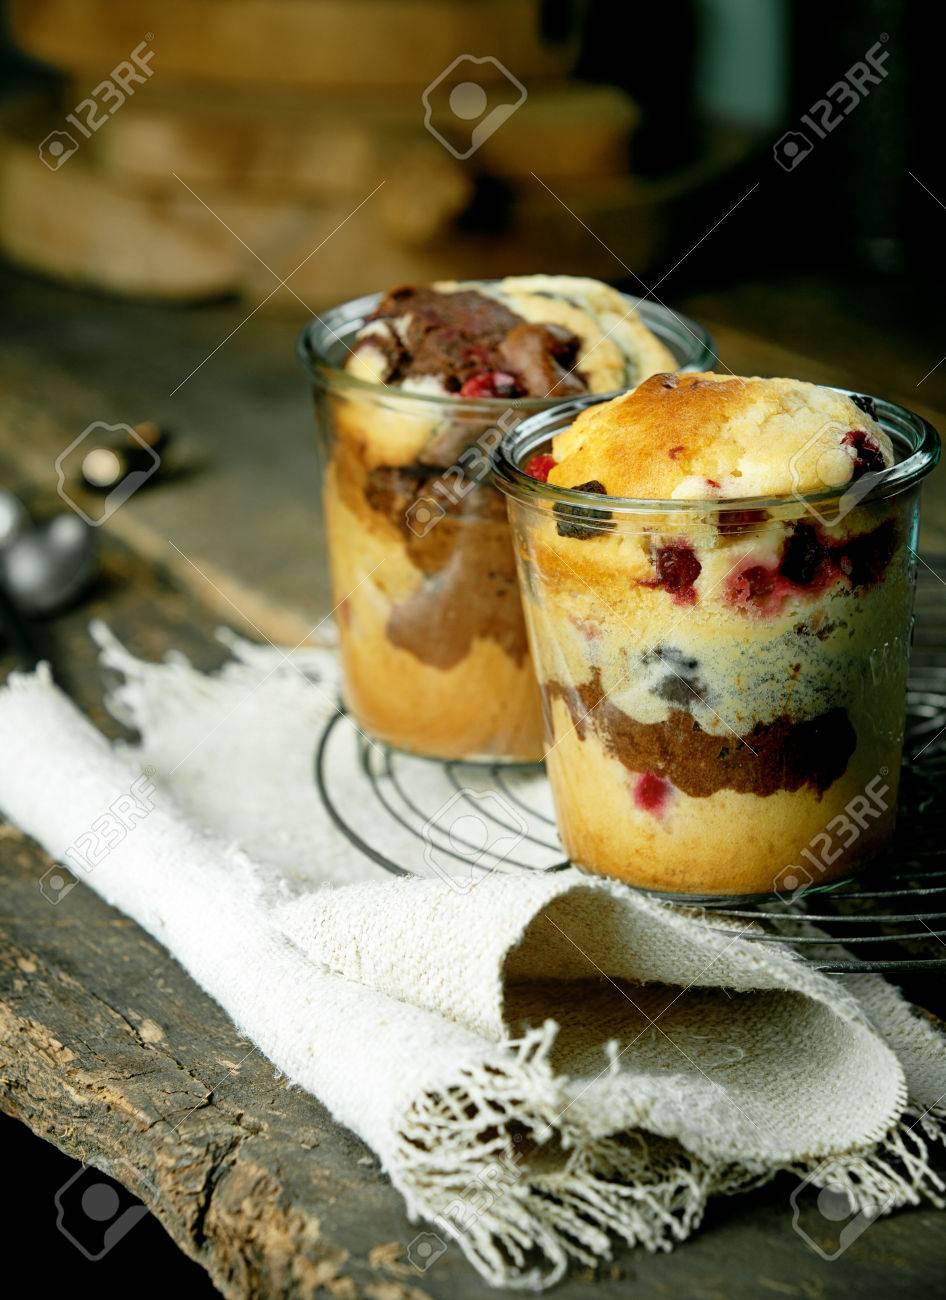 Einzel Kuchen Desserts In Glasern Mit Einem Fruchtigen Sorte Mit